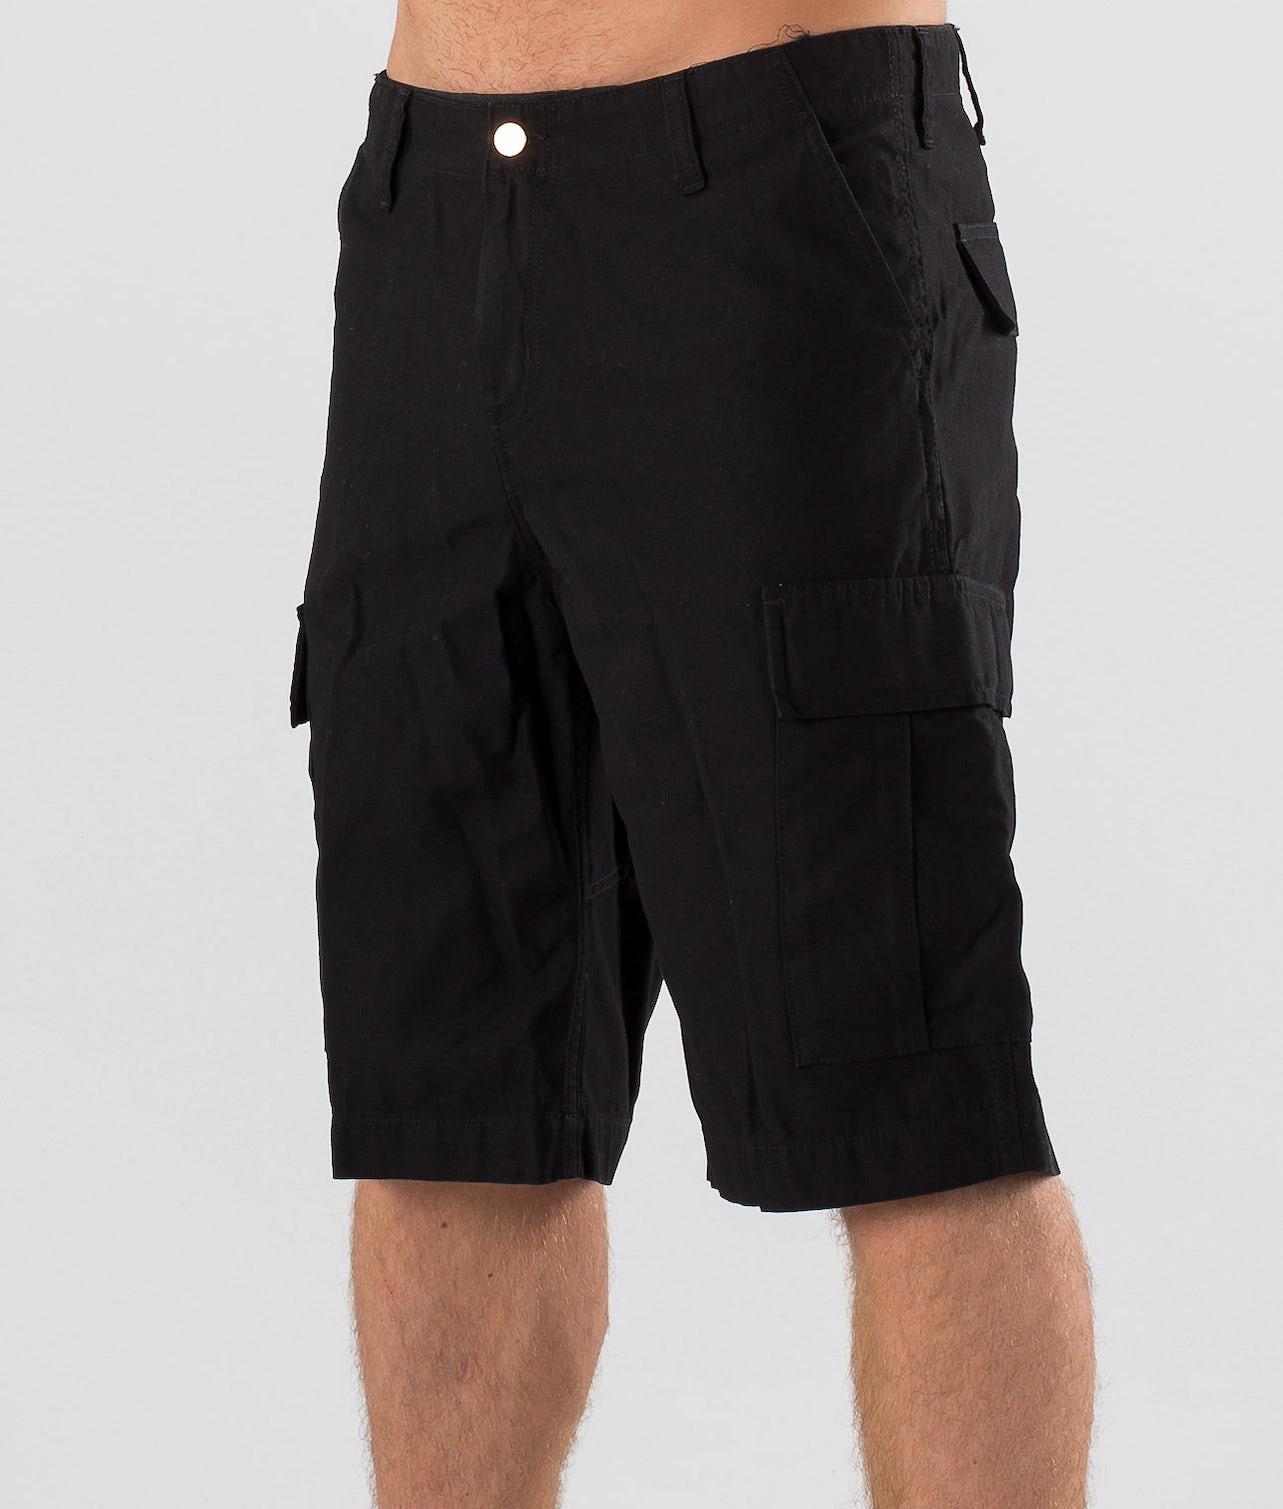 Kjøp Regular Cargo Short Shorts fra Carhartt på Ridestore.no - Hos oss har du alltid fri frakt, fri retur og 30 dagers åpent kjøp!